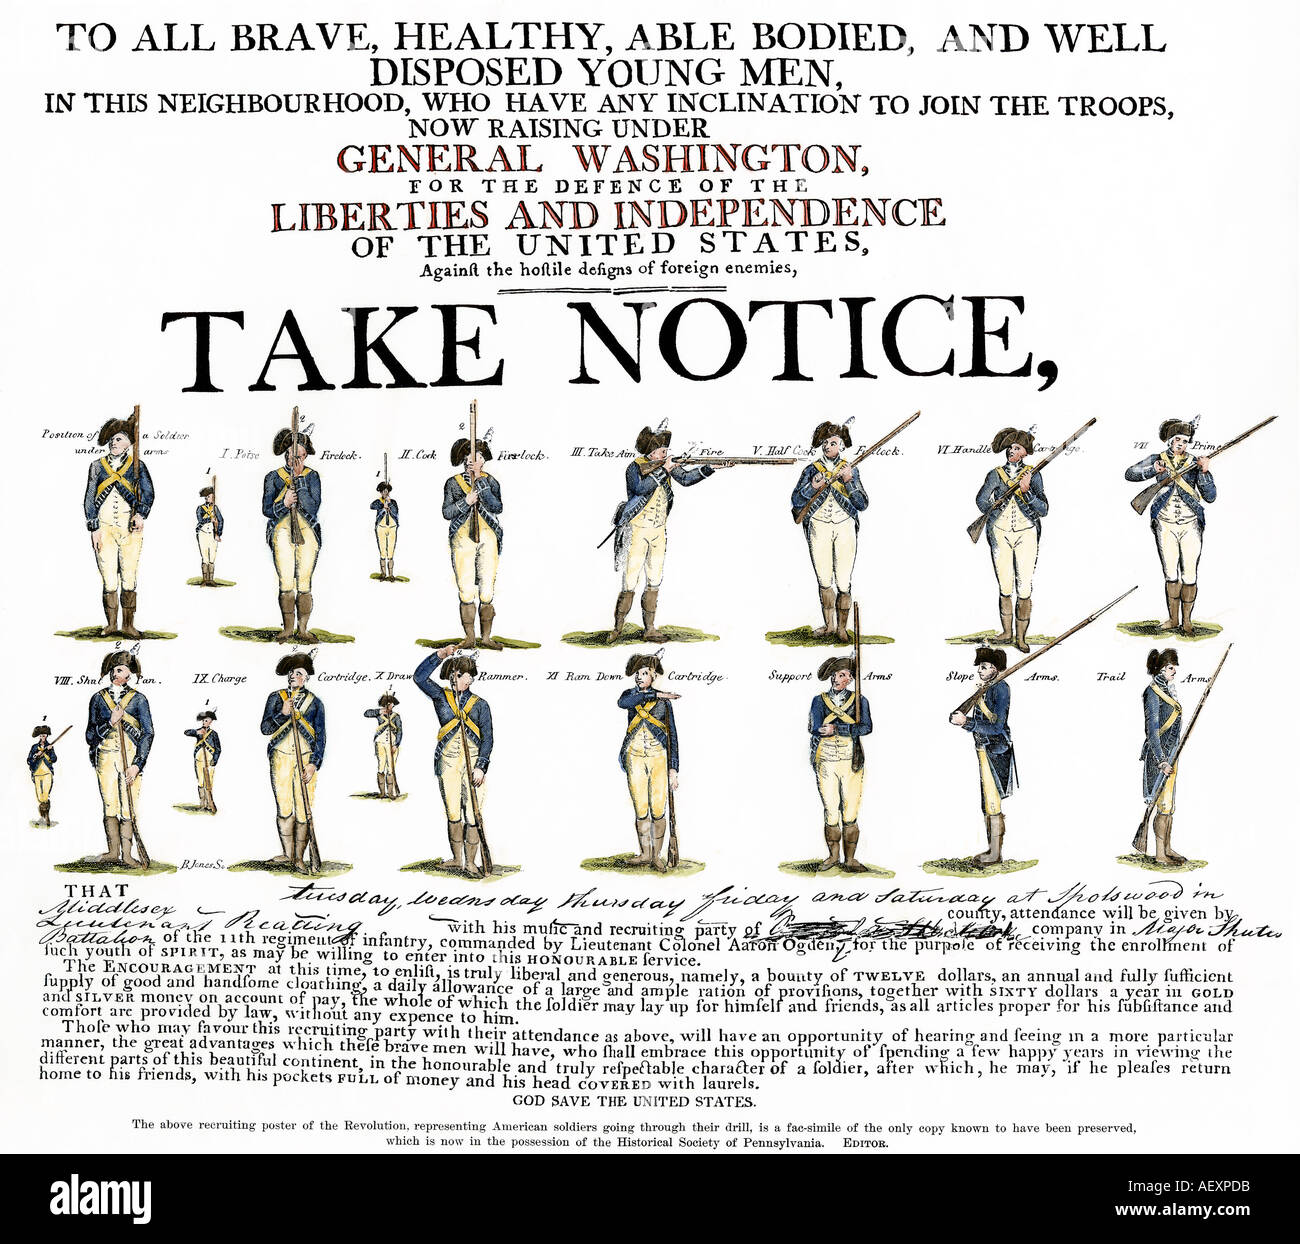 Affiche de recrutement pour les soldats Continental sous le général George Washington pour lutter dans la Révolution américaine.. À la main, gravure sur bois Photo Stock